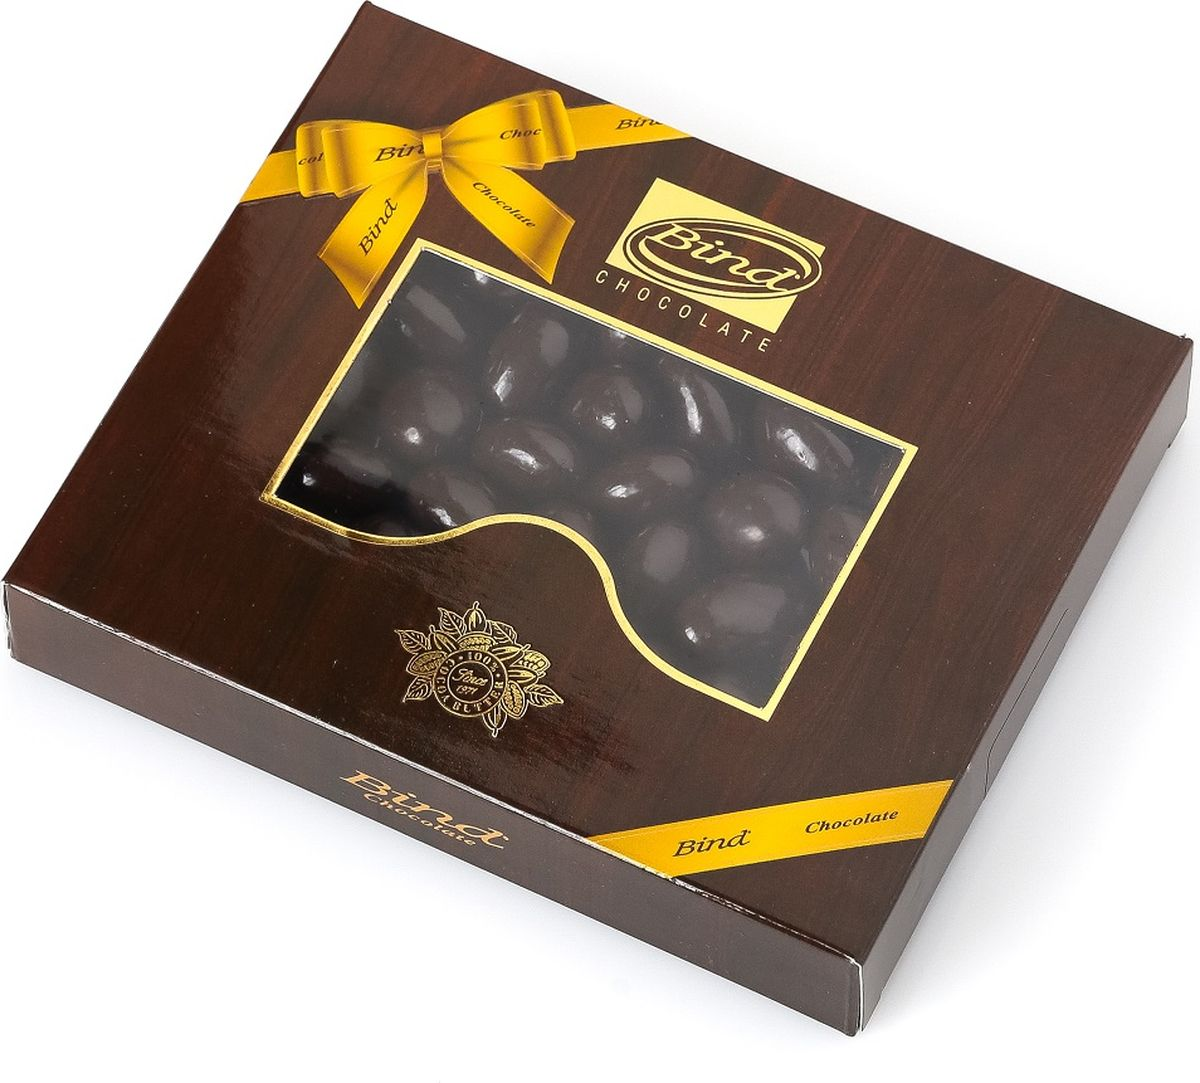 Bind драже с миндалем покрытое темным шоколадом, 100 гPCK-6500.100Драже с миндалем, покрытое темным шоколадом.